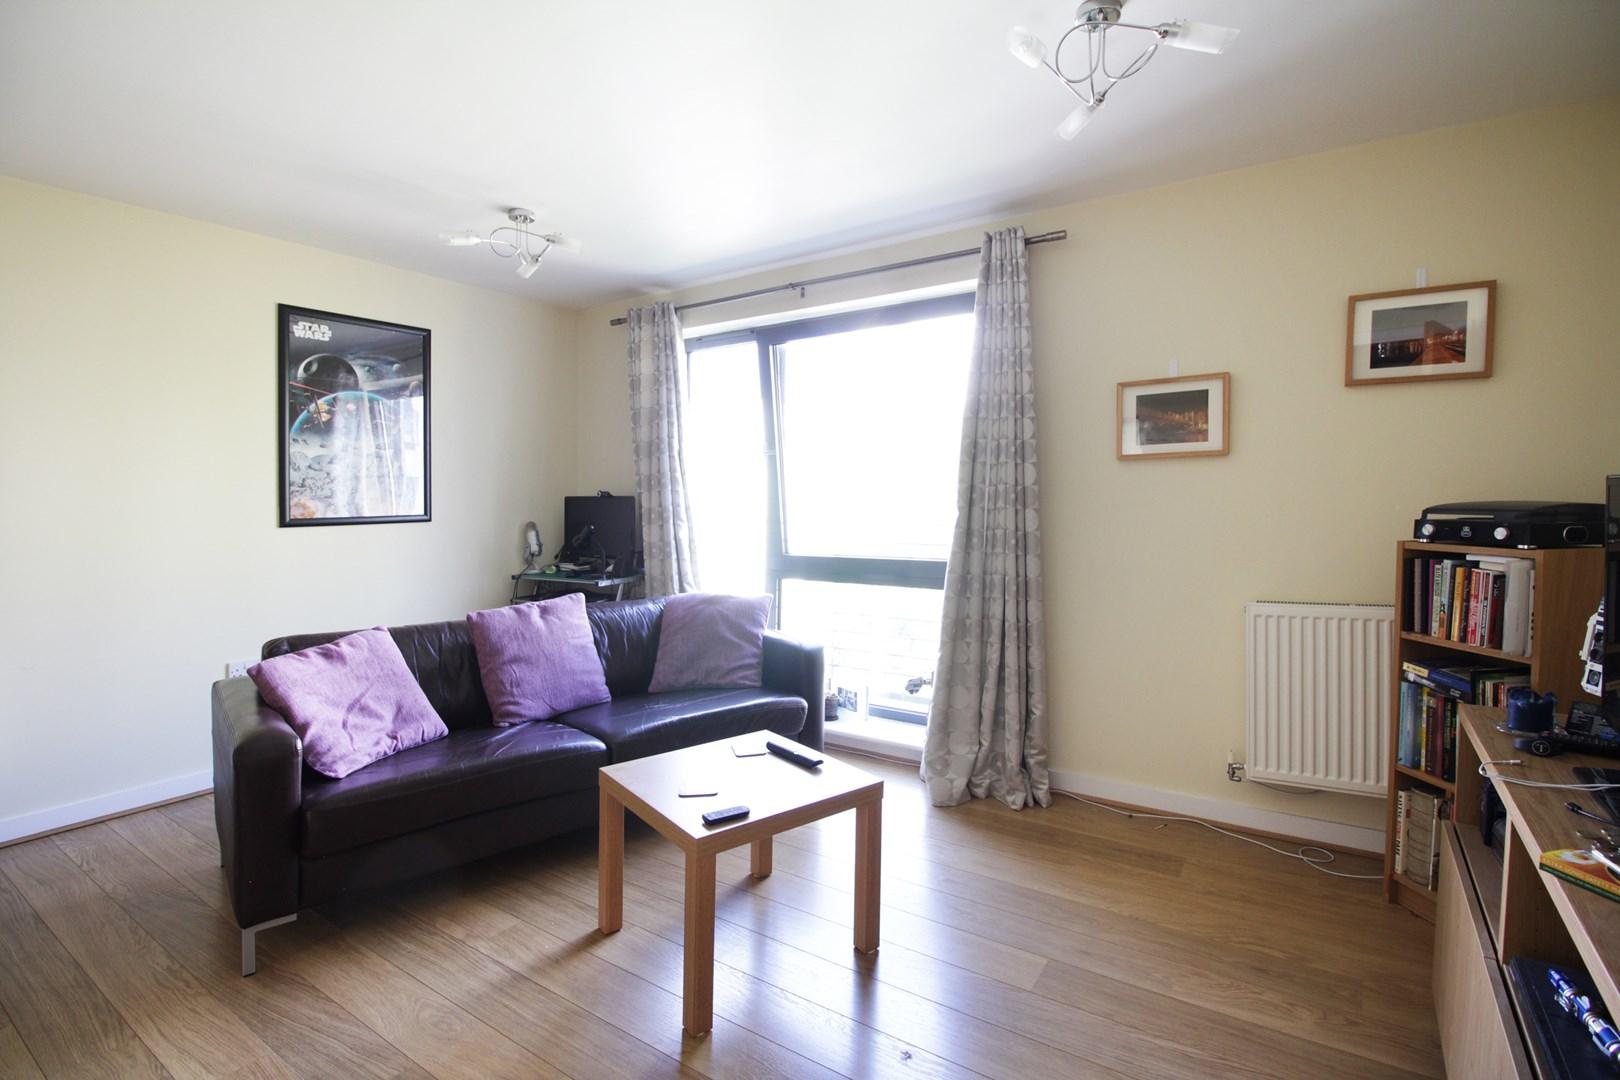 1 Bedroom Flat For Sale In 96 122 Uxbridge Road West Ealing W13 London